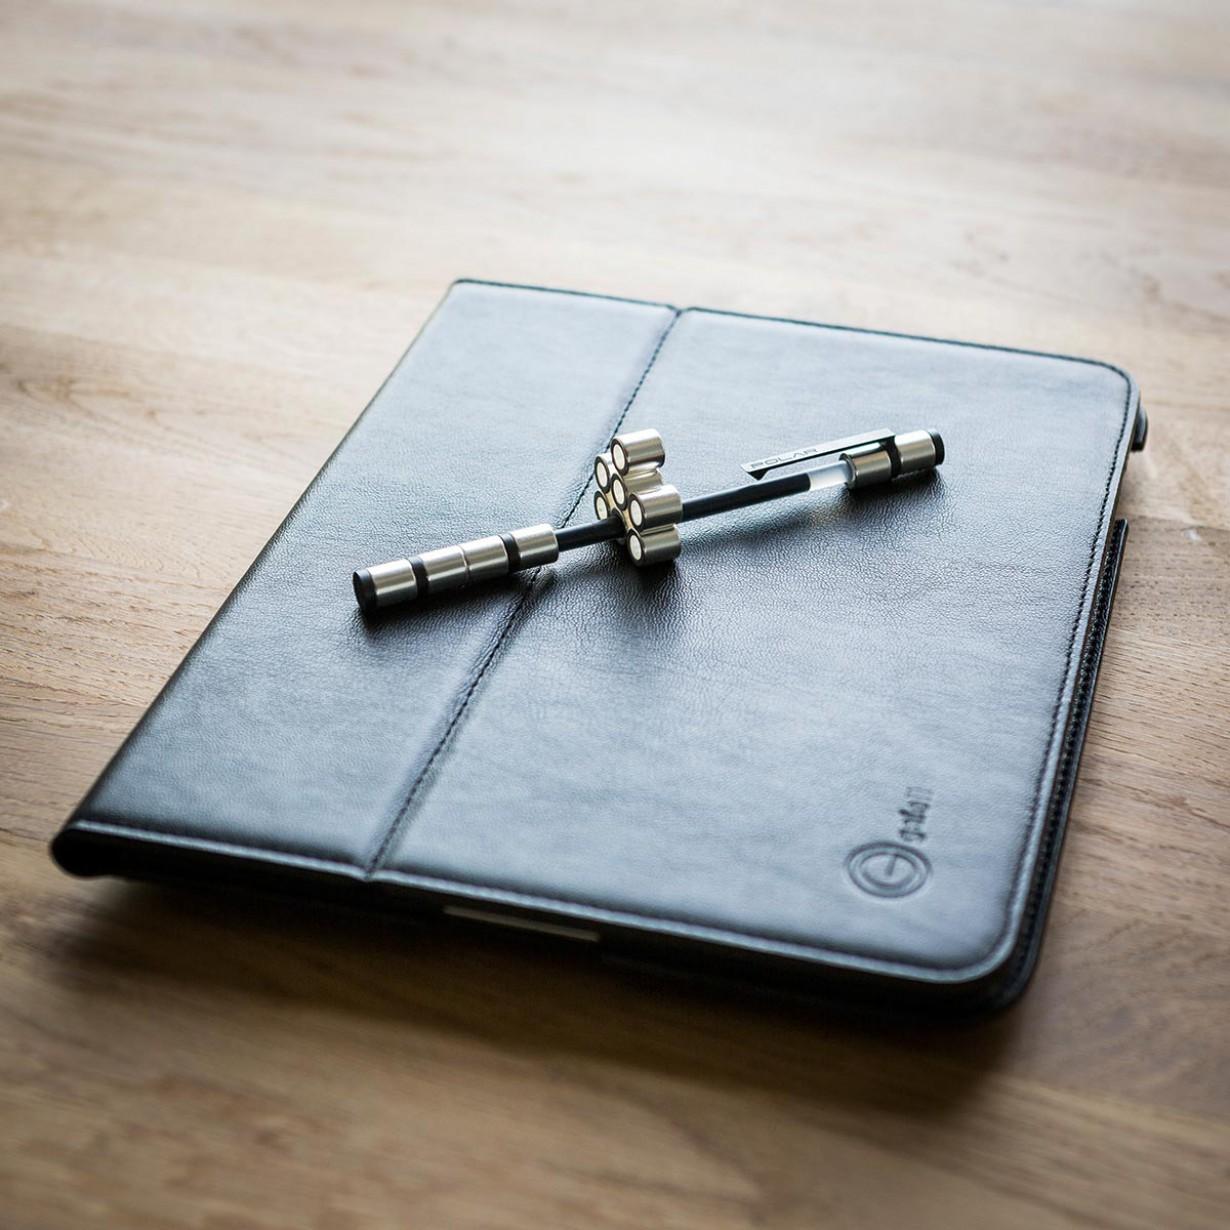 penna magnetica polar pen, regali per lui